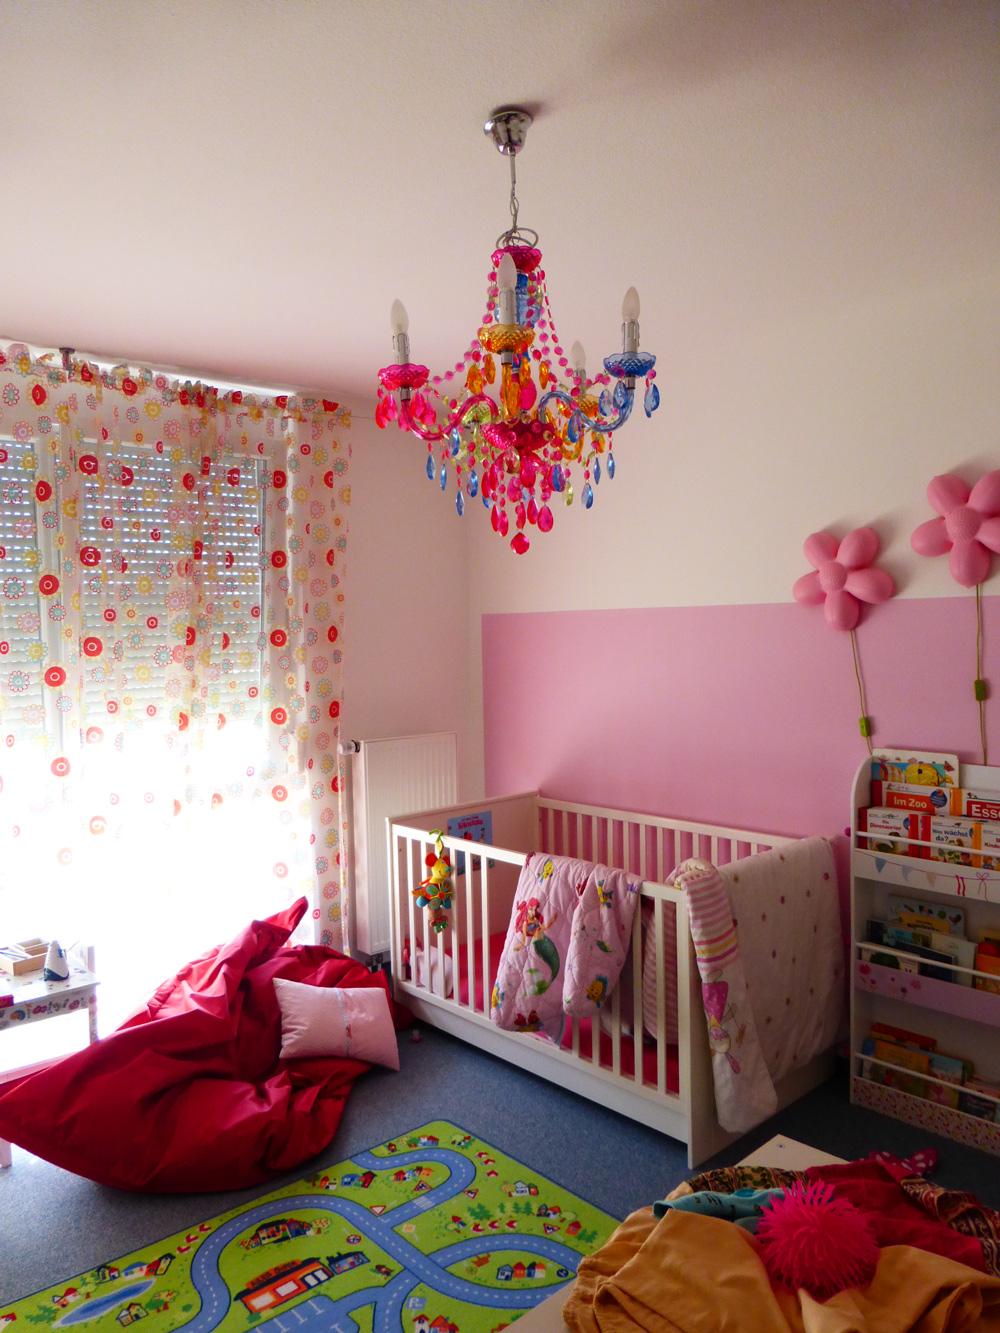 Full Size of Wandfarbe Rosa Wirkung Von Wandfarben Der Wohnsinn Küche Wohnzimmer Wandfarbe Rosa